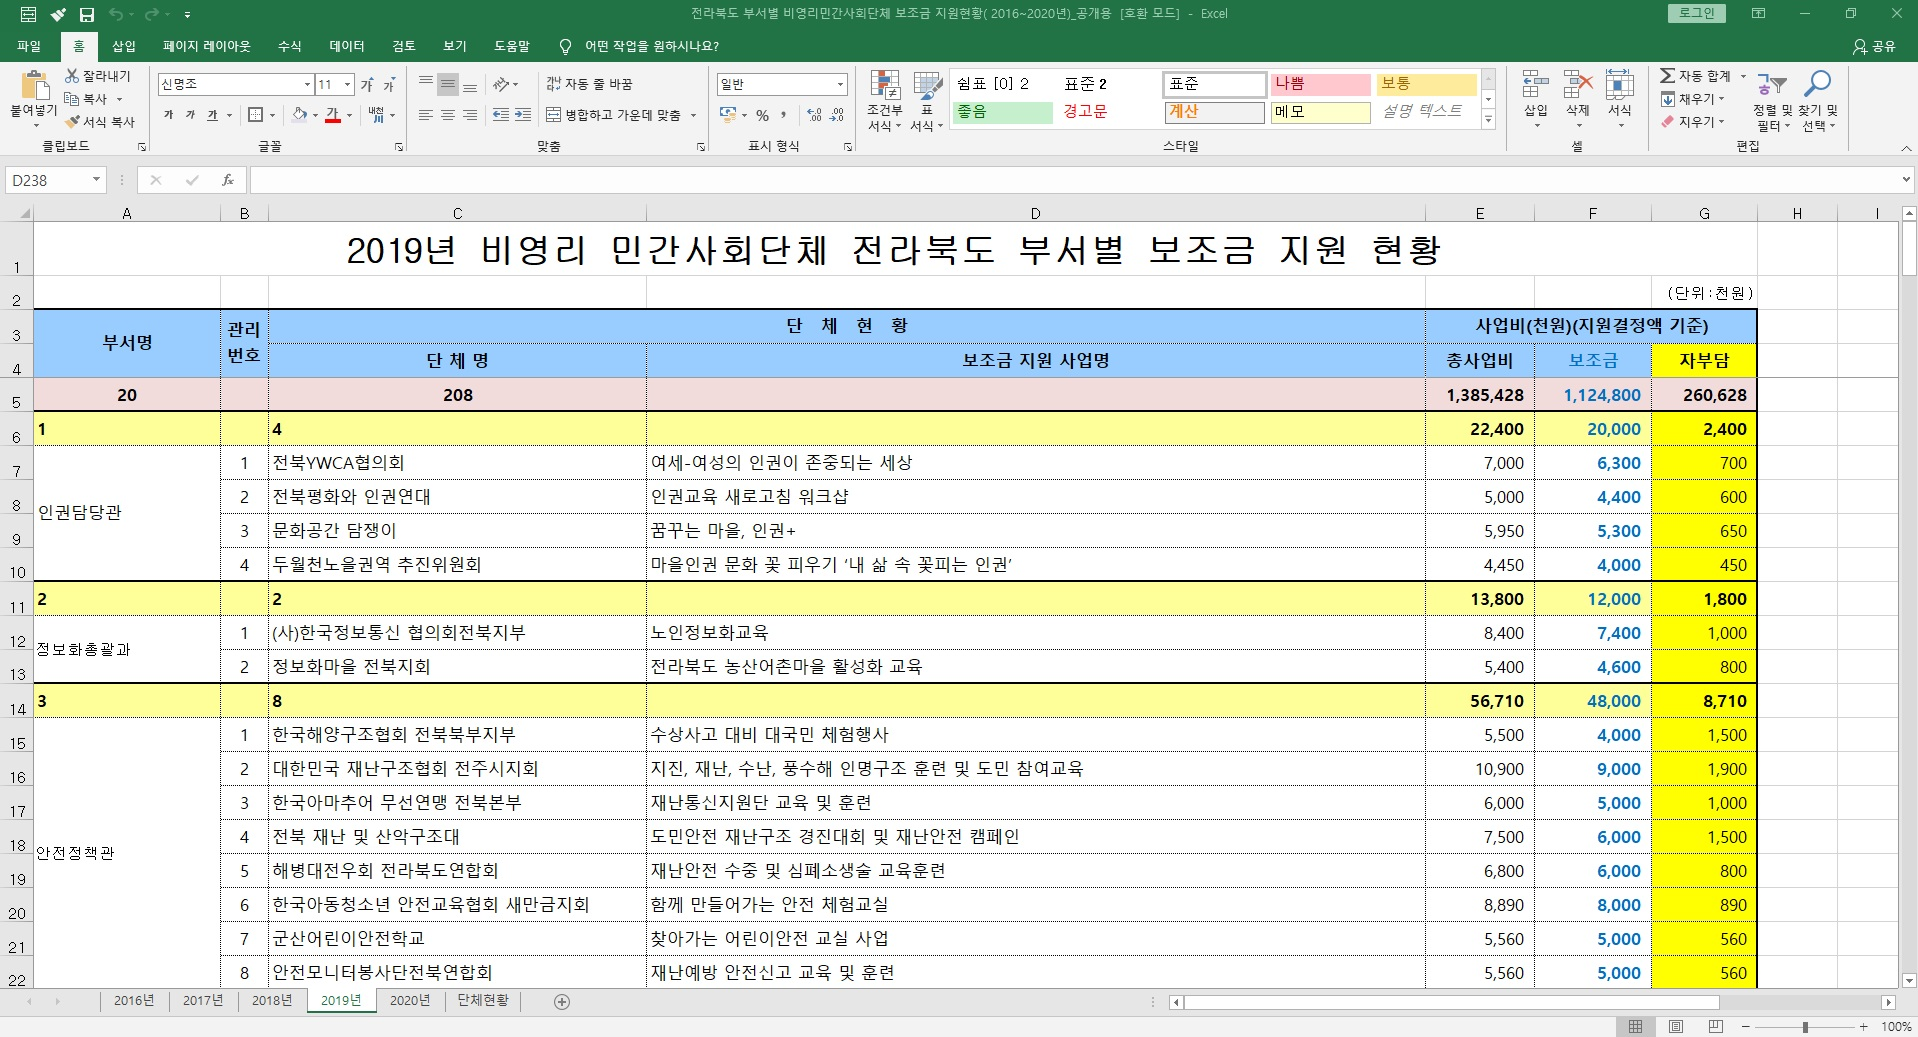 8.28_2019년 전북도 부서별 민간사회단체 보조금 지원현황.jpg